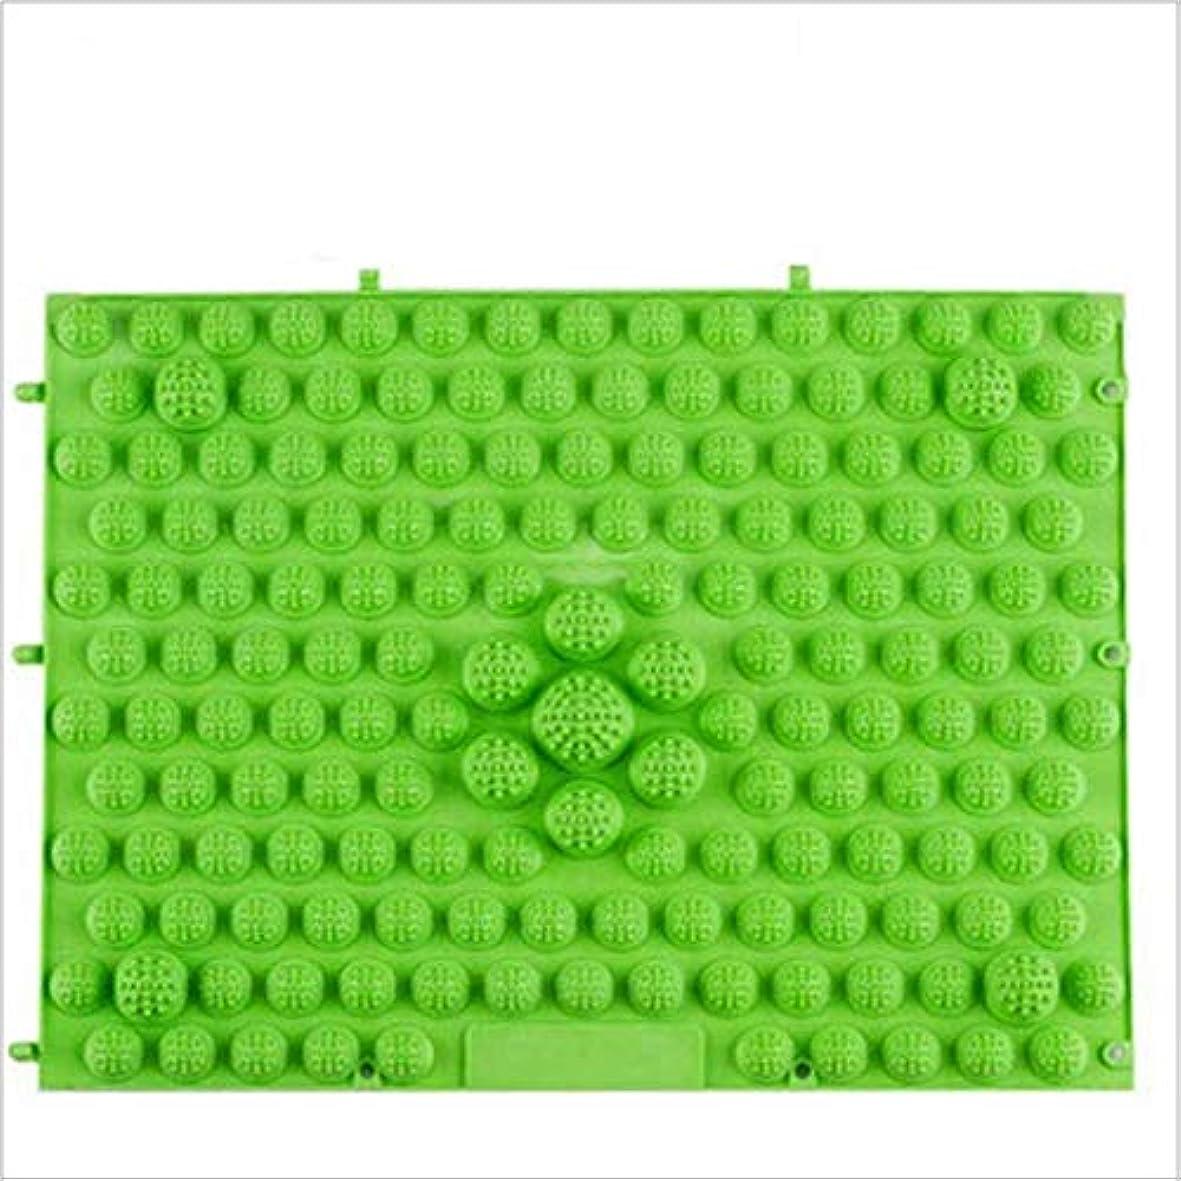 ドーム農村チャンバーウォークマット 裏板セット(ABS樹脂製補強板付き) (グリーン)